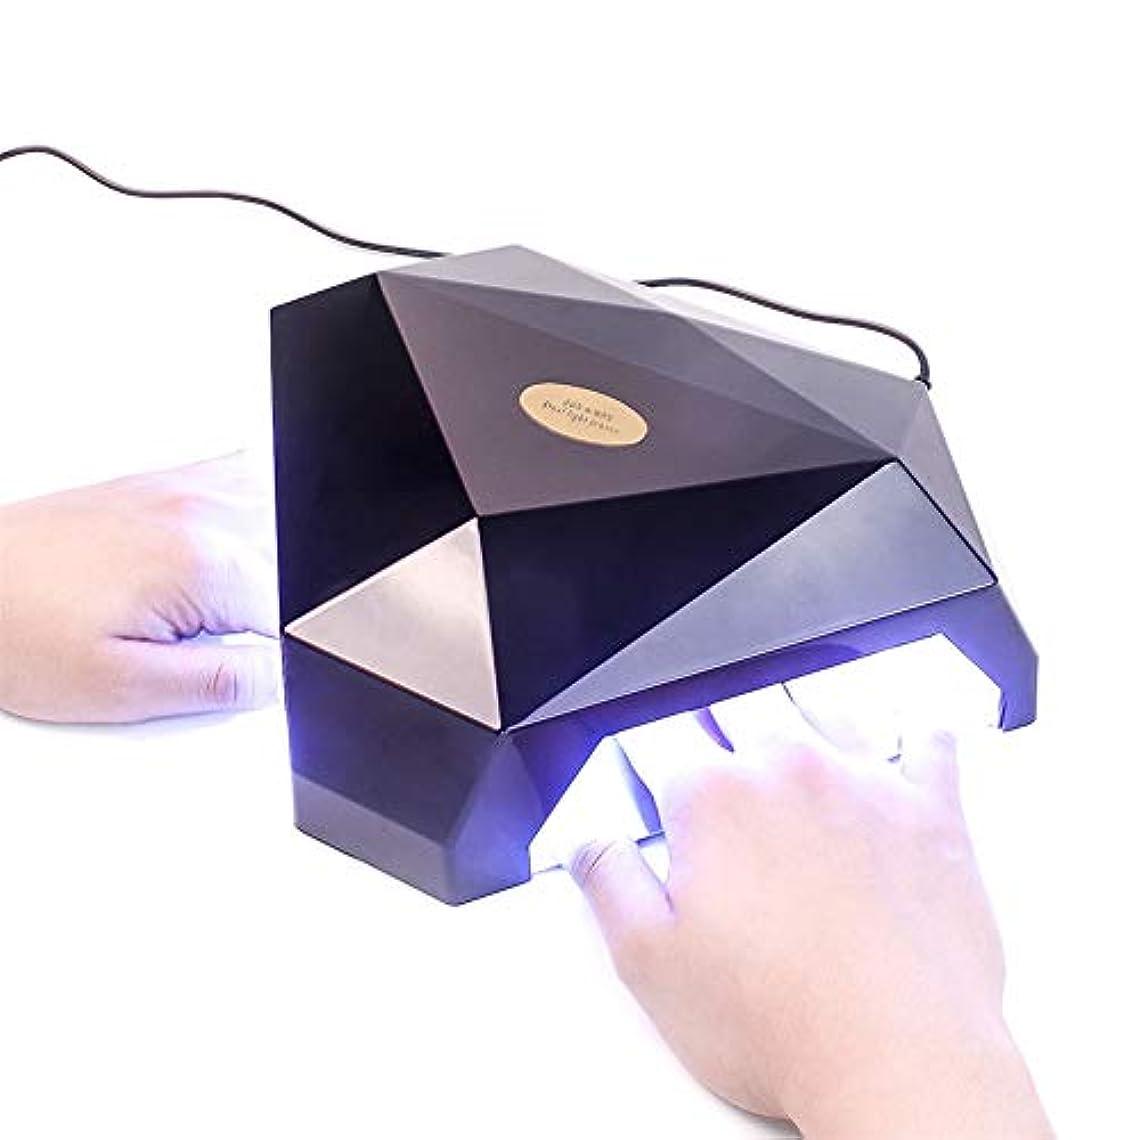 する必要があるインカ帝国親密な60W 2手LED UVランプネイルドライヤージェルネイルランプ用ネイルジェルポリッシュ硬化機ネイルアートマニキュアツールギフト,黒